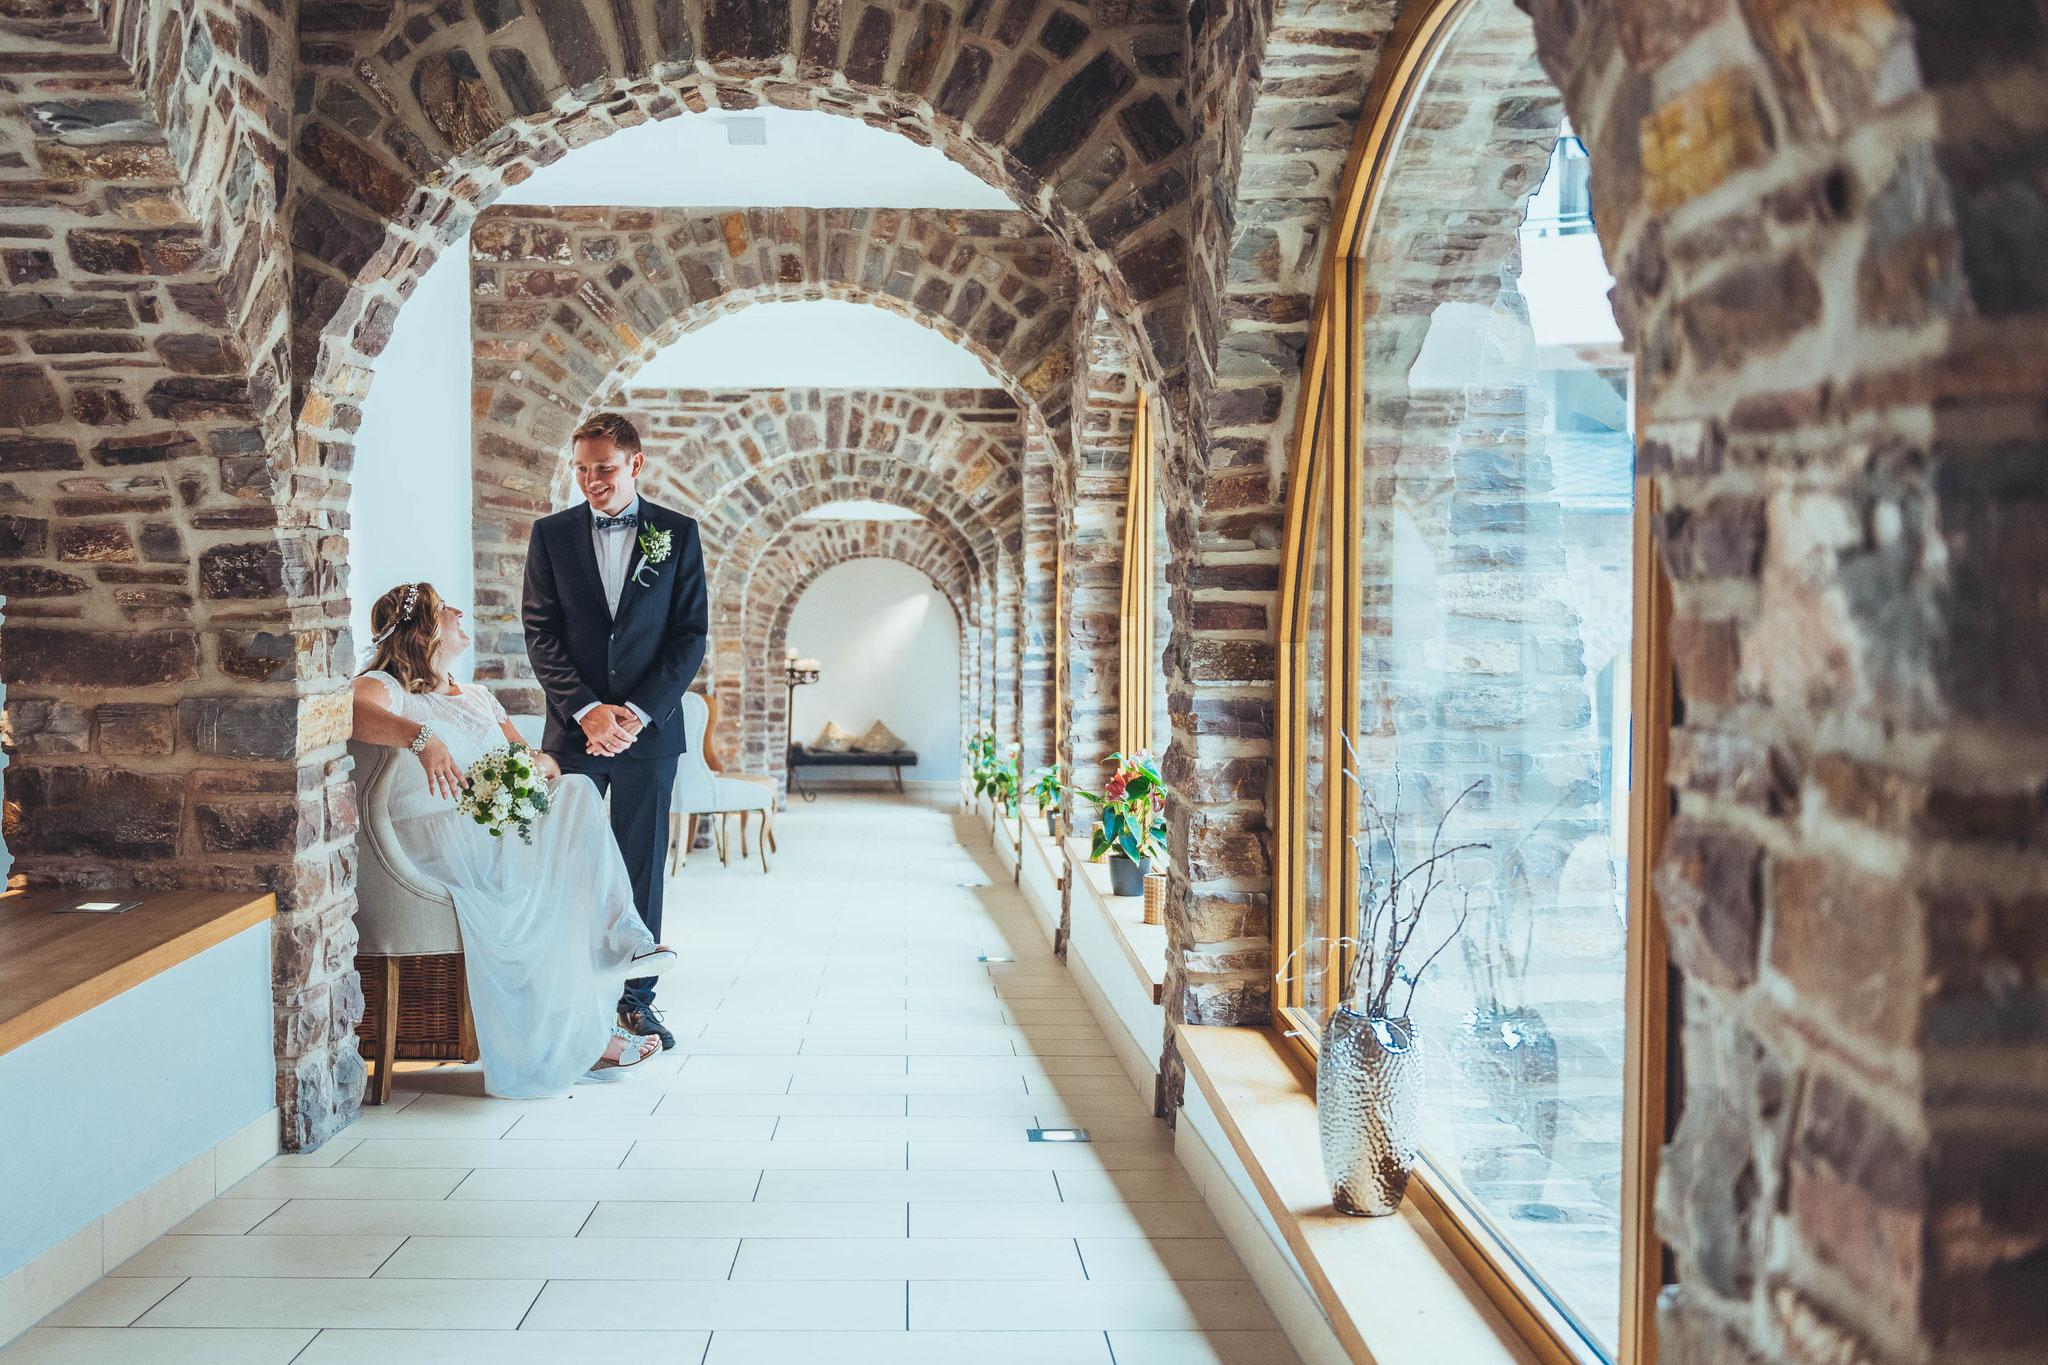 Ihr professioneller Hochzeitsfotograf für Brautpaar Shooting im Klosterhotel Marienhöh Langweiler